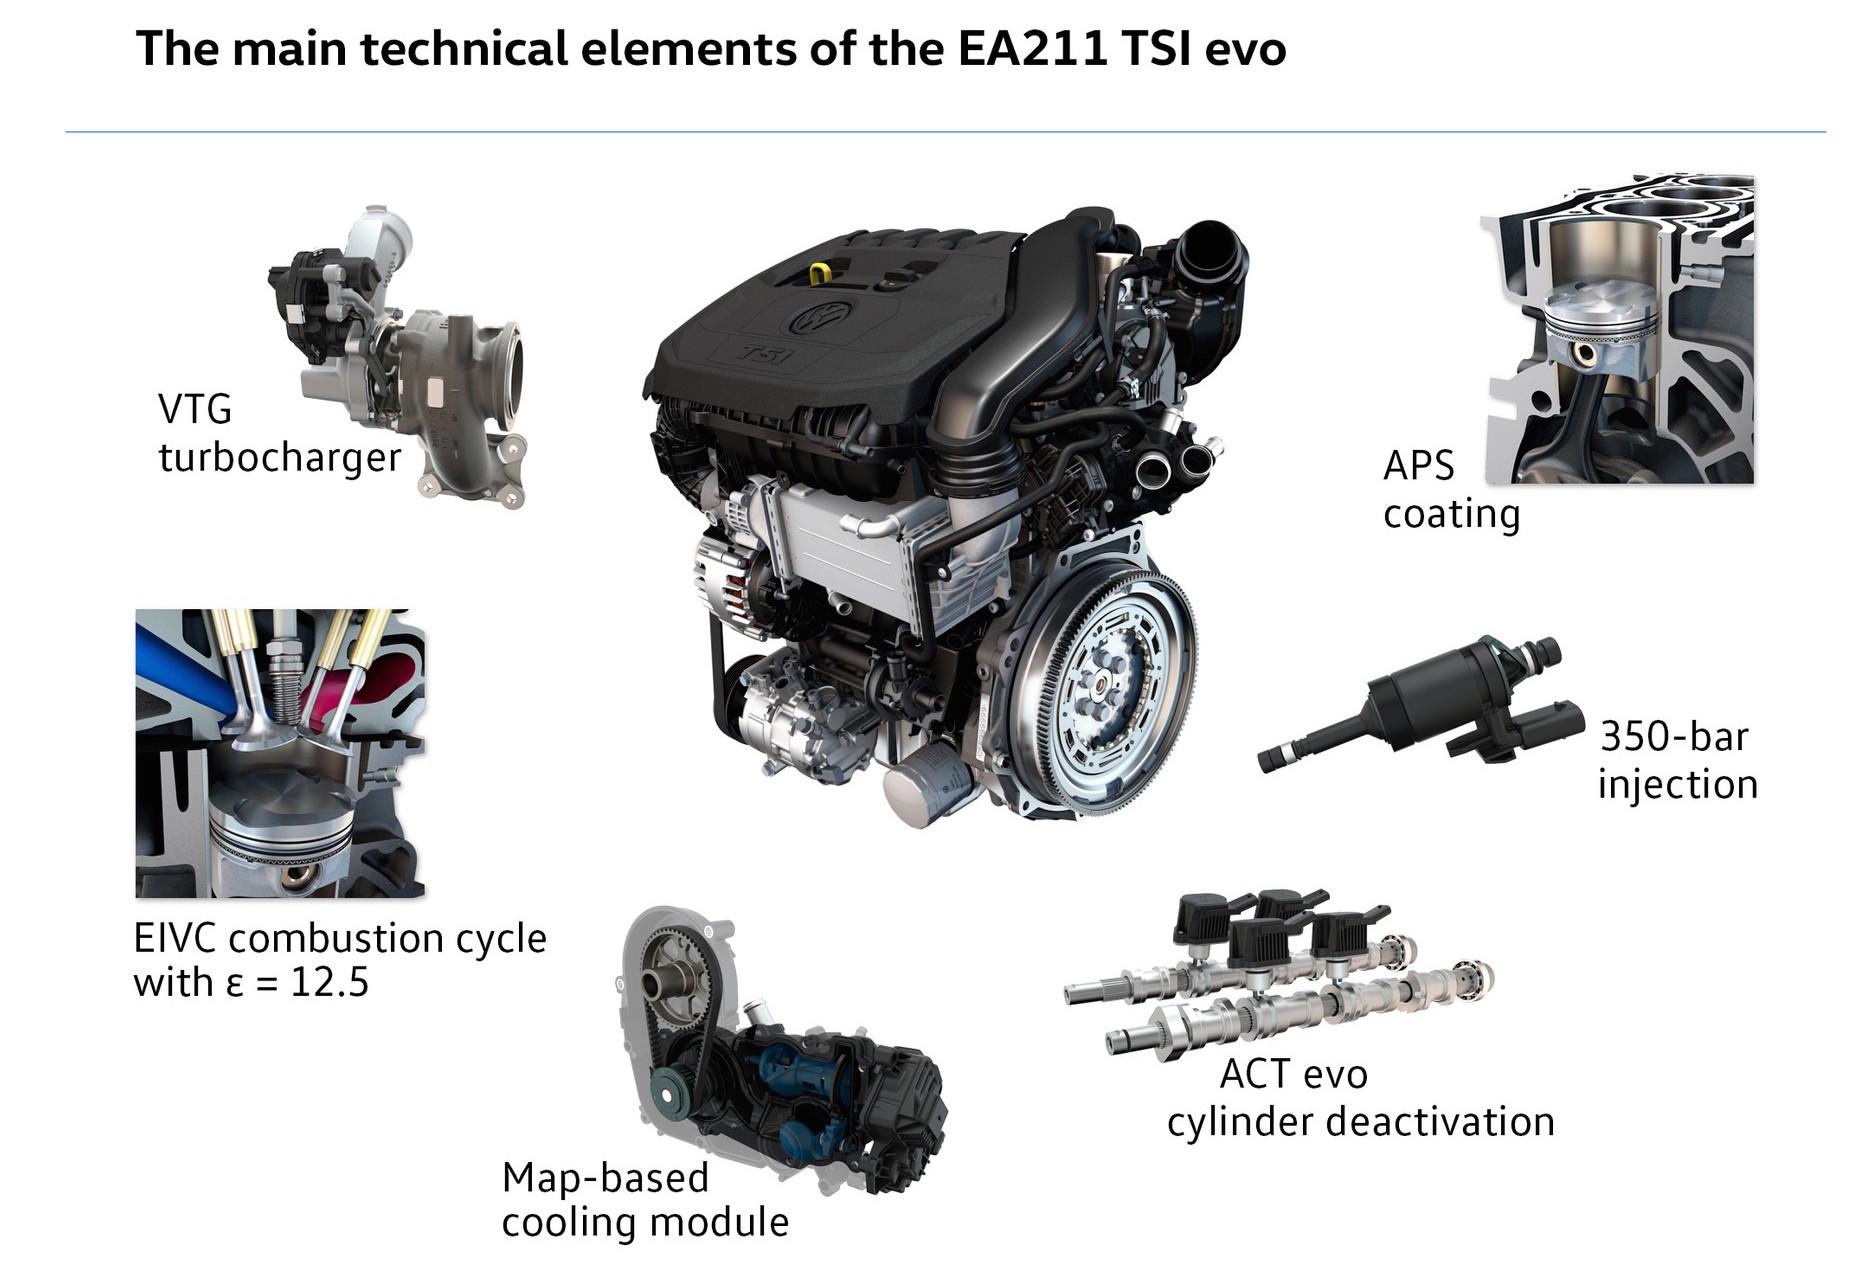 2016 Volkswagen 1.5 TSI evo